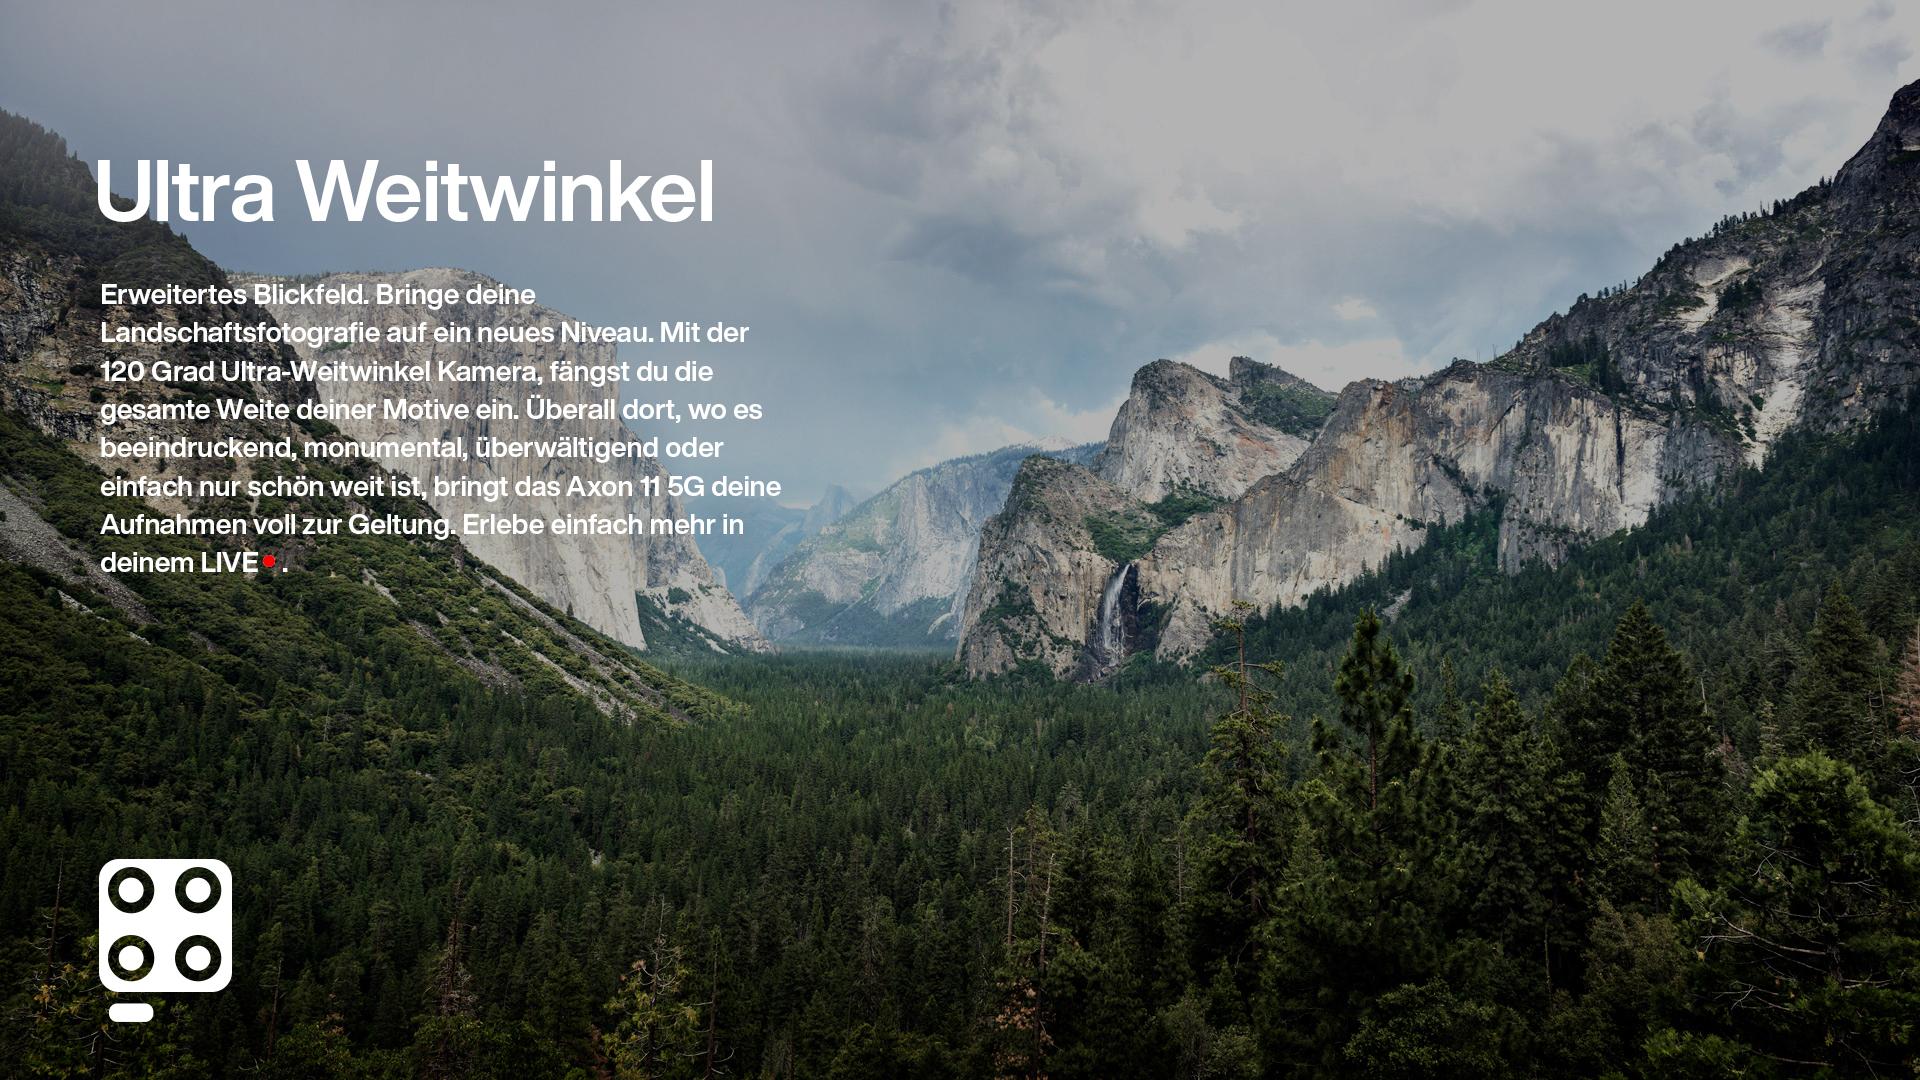 weitwinkel bild von berglandschaft